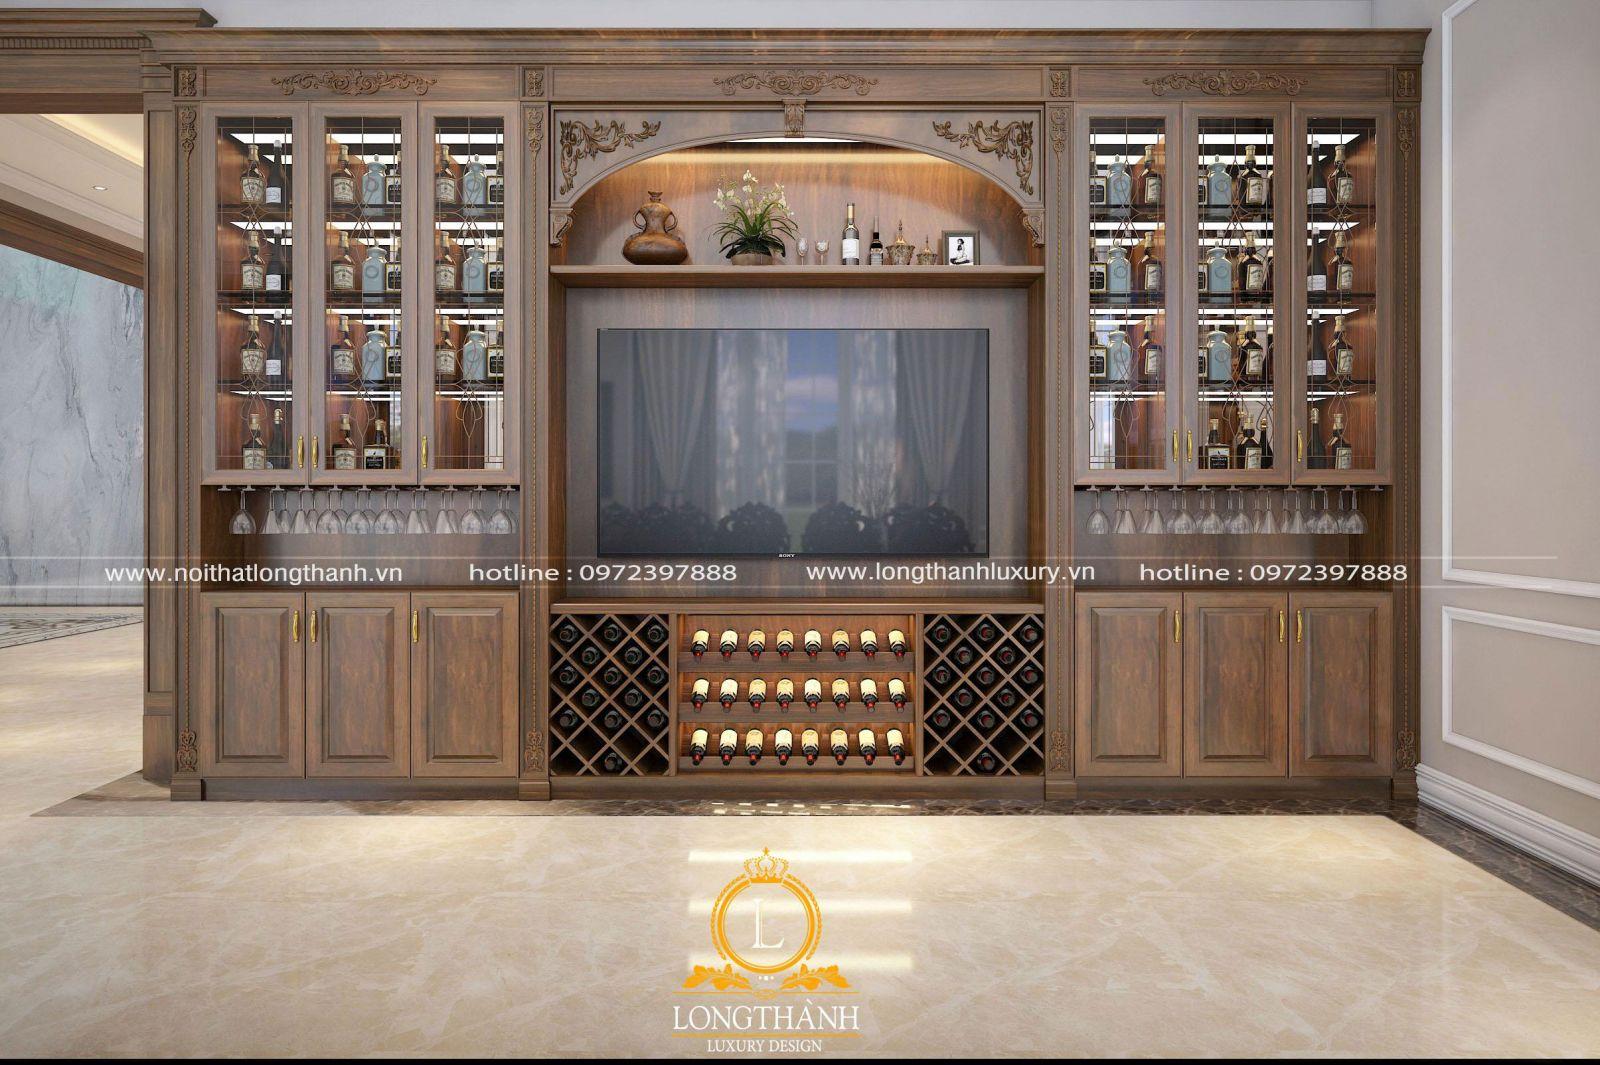 Tủ trang trí kết hợp tủ rượu ấn tượng